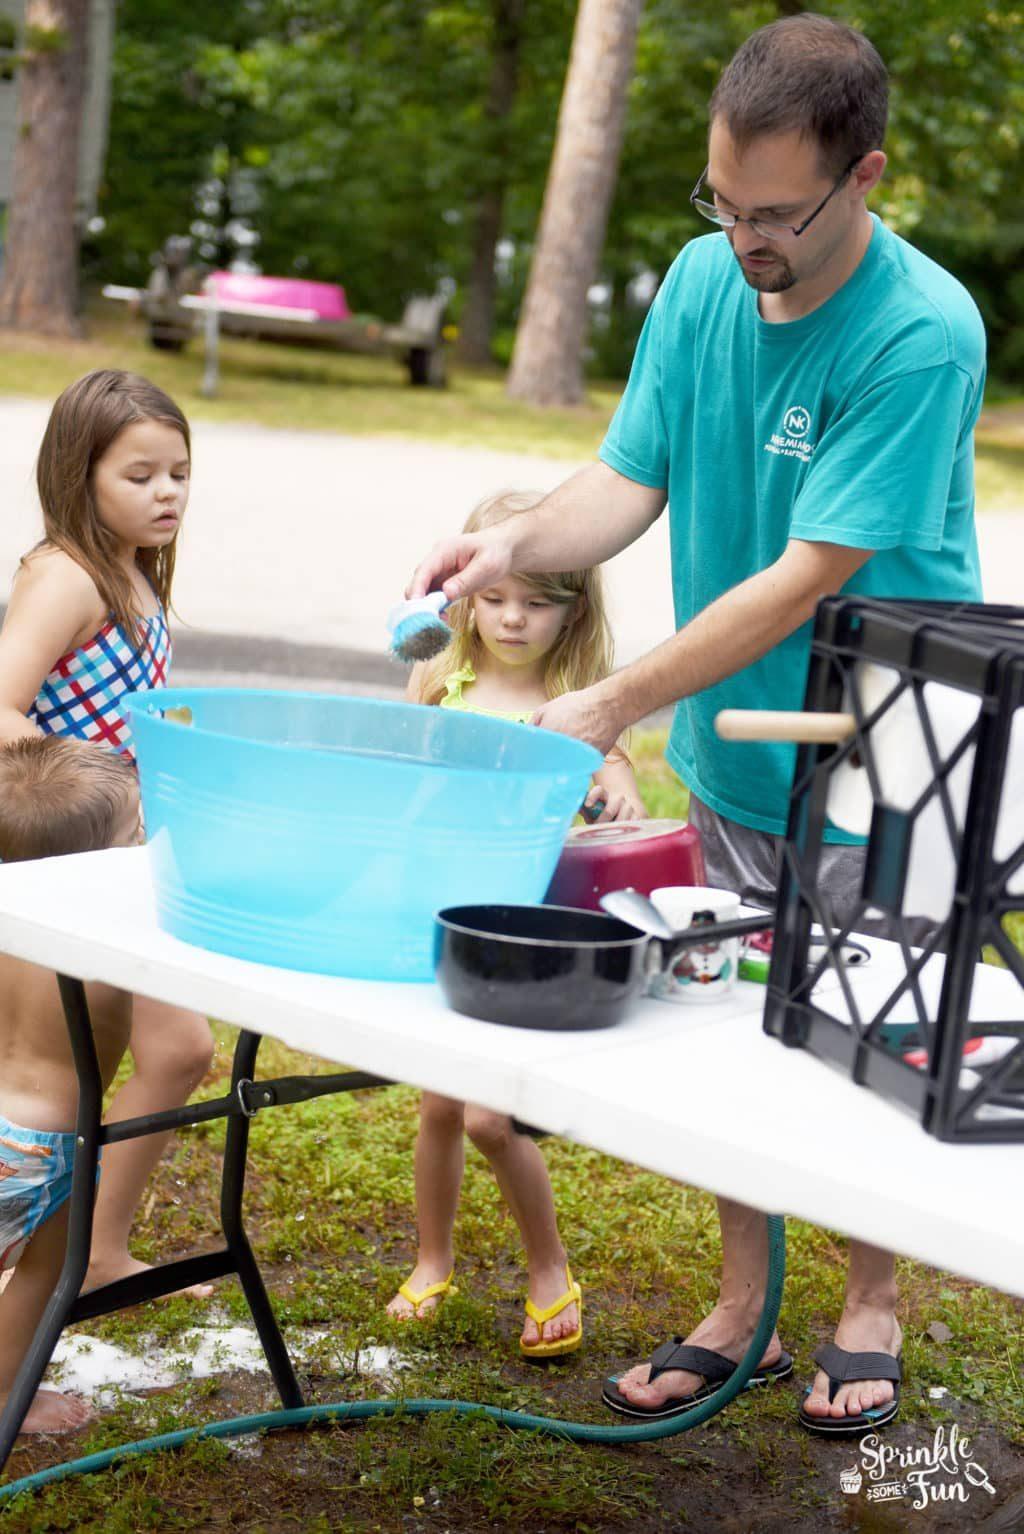 Dishwashing while camping